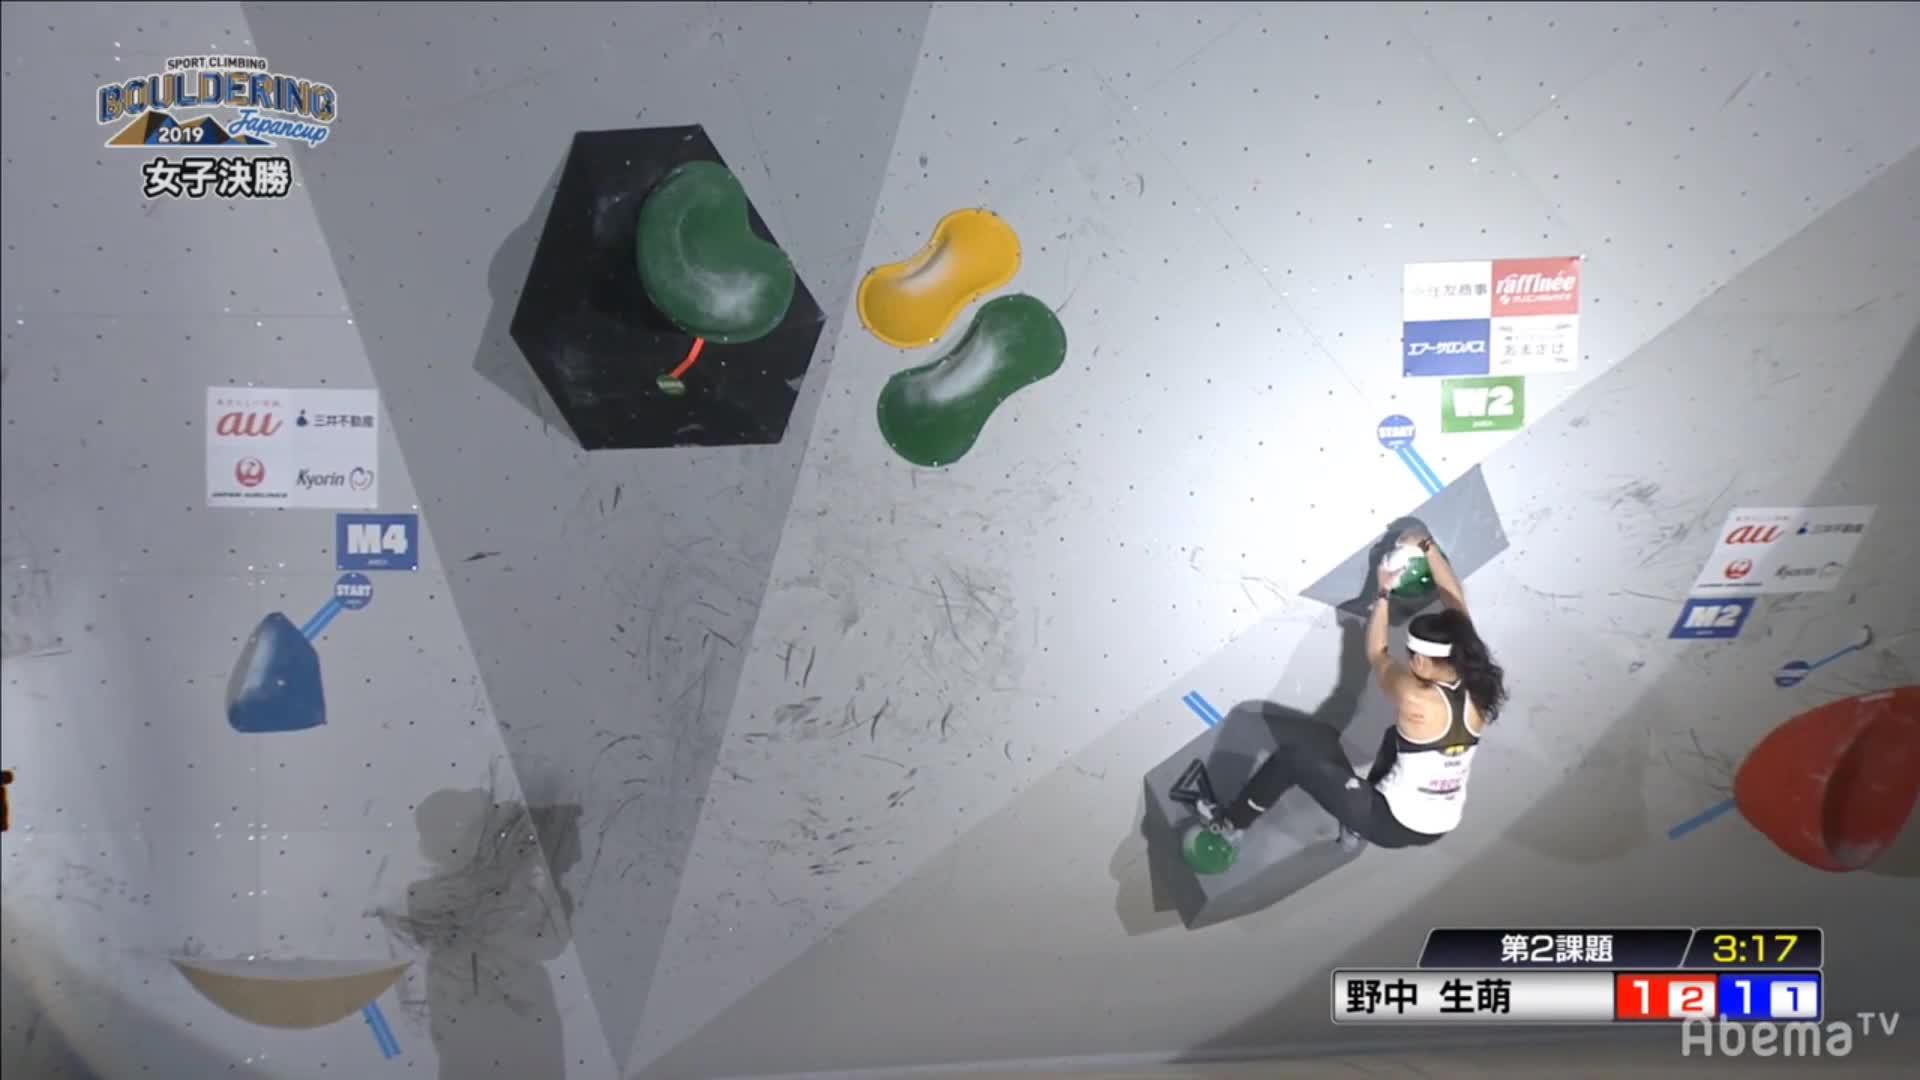 Semi-Finals, SemiFinals, boulder, bouldering, boulderingTV, competition, finger strength, hightlights, workout, Japan Cup of Bouldering 2019 - Finals GIFs